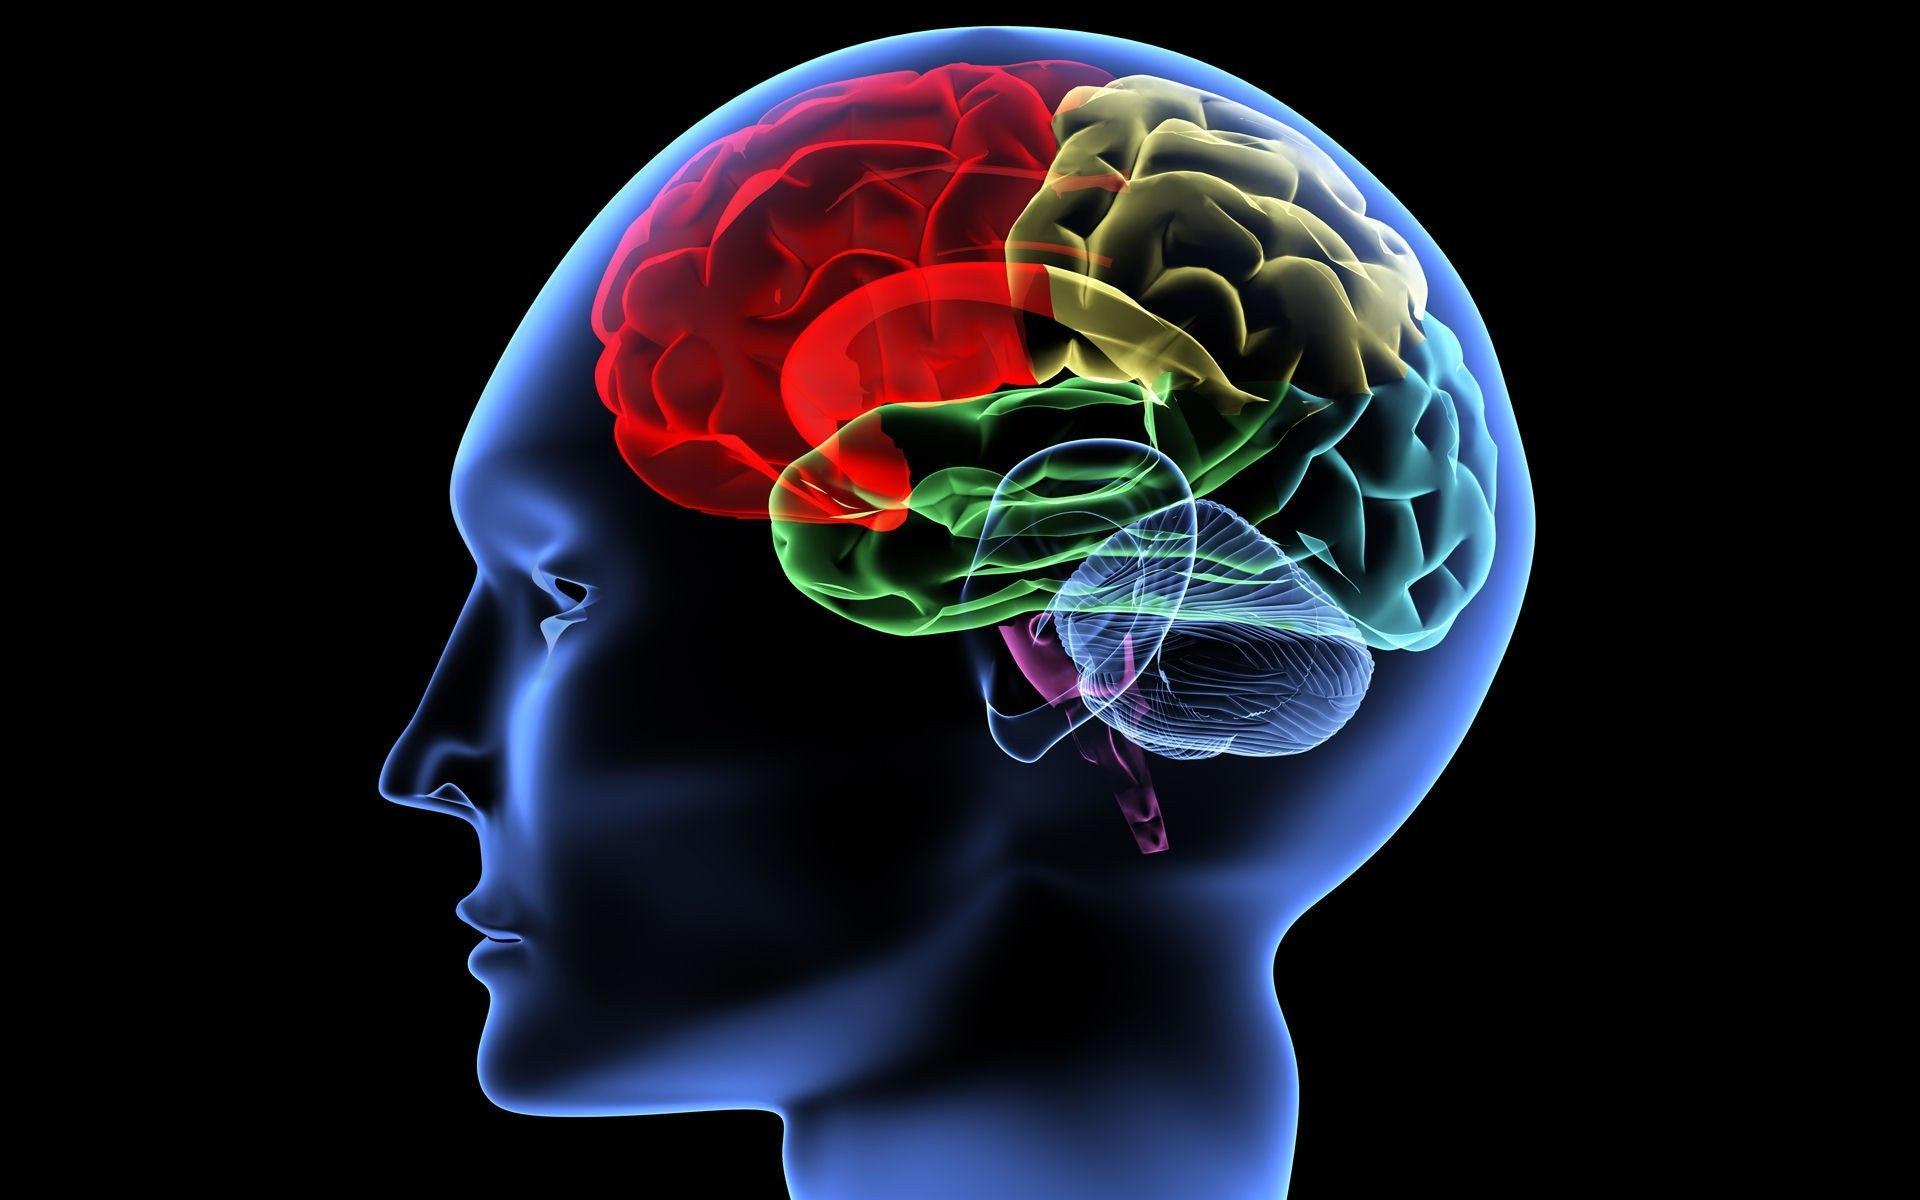 Чтение и литература: Книги по развитию мозга